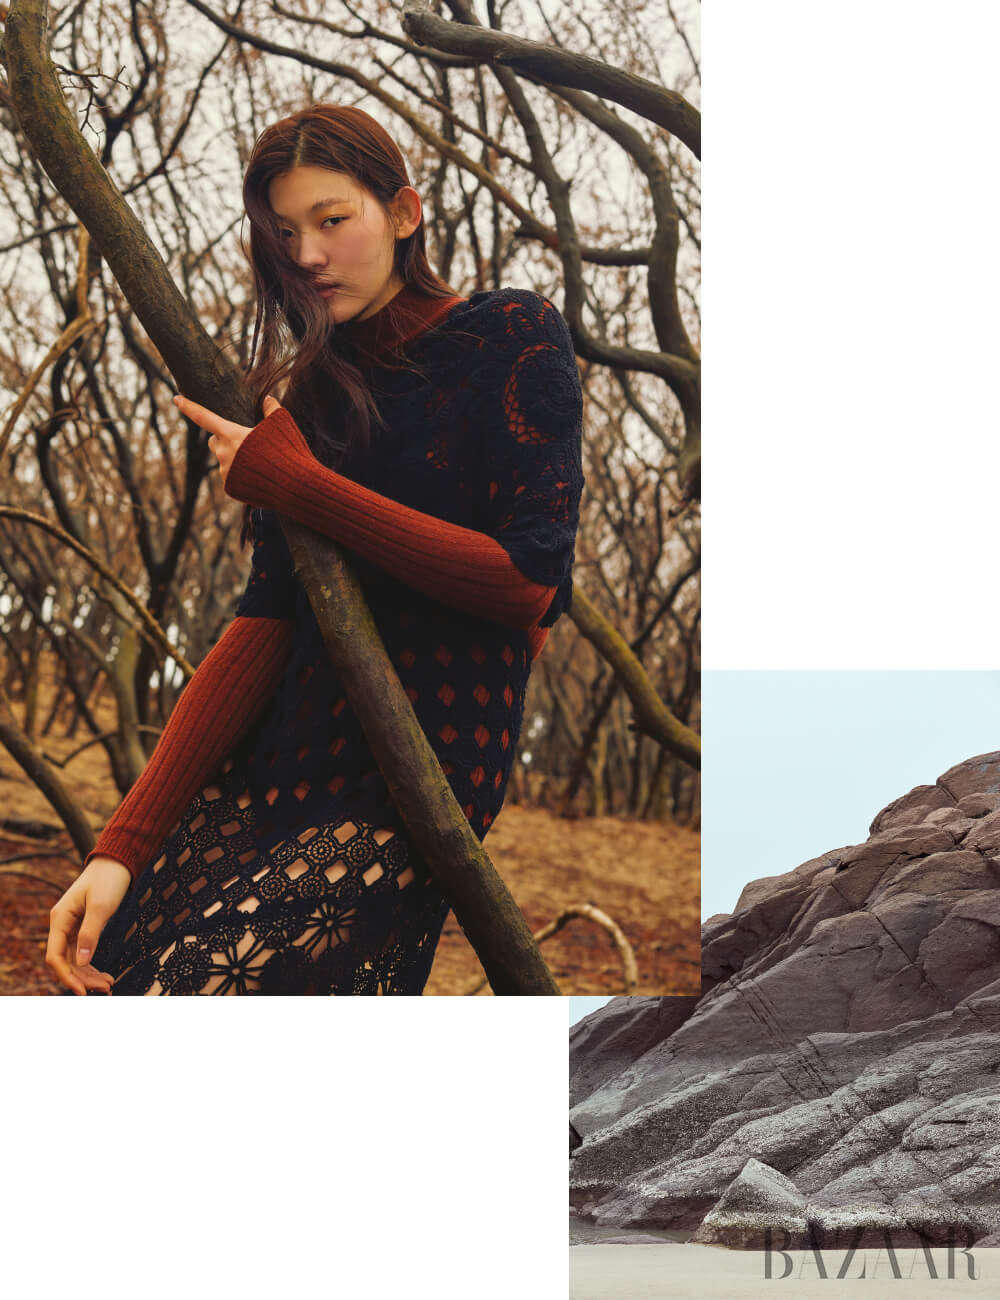 터틀넥 니트 톱, 드레스, 브리프는 모두 Dior.